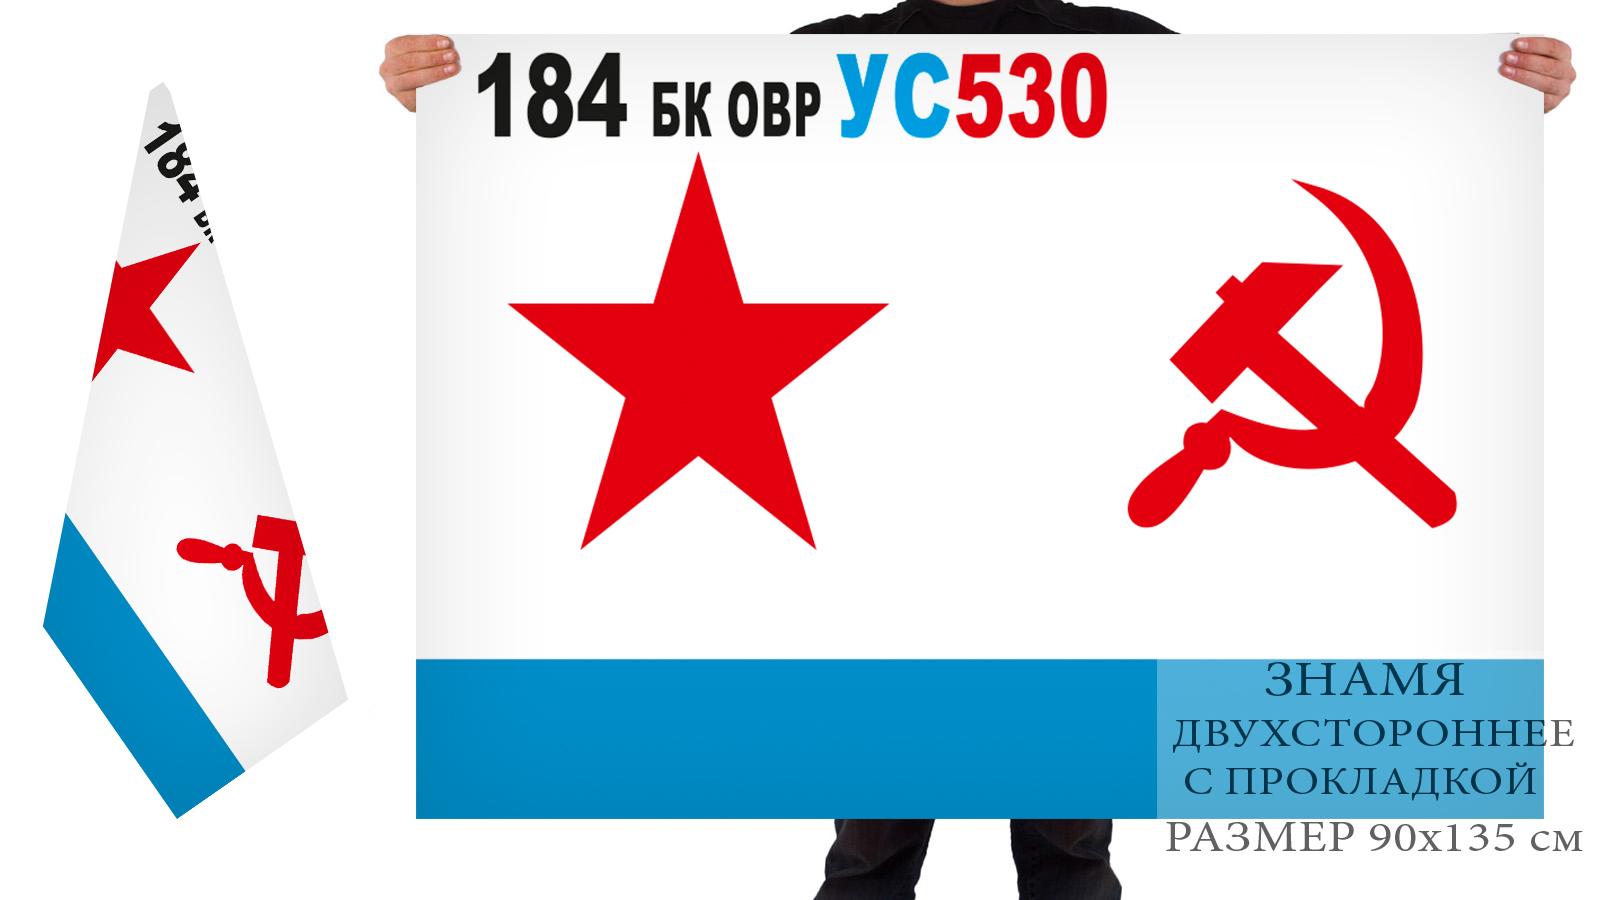 Большой флаг ВМФ СССР 184 БК ОВР УС530